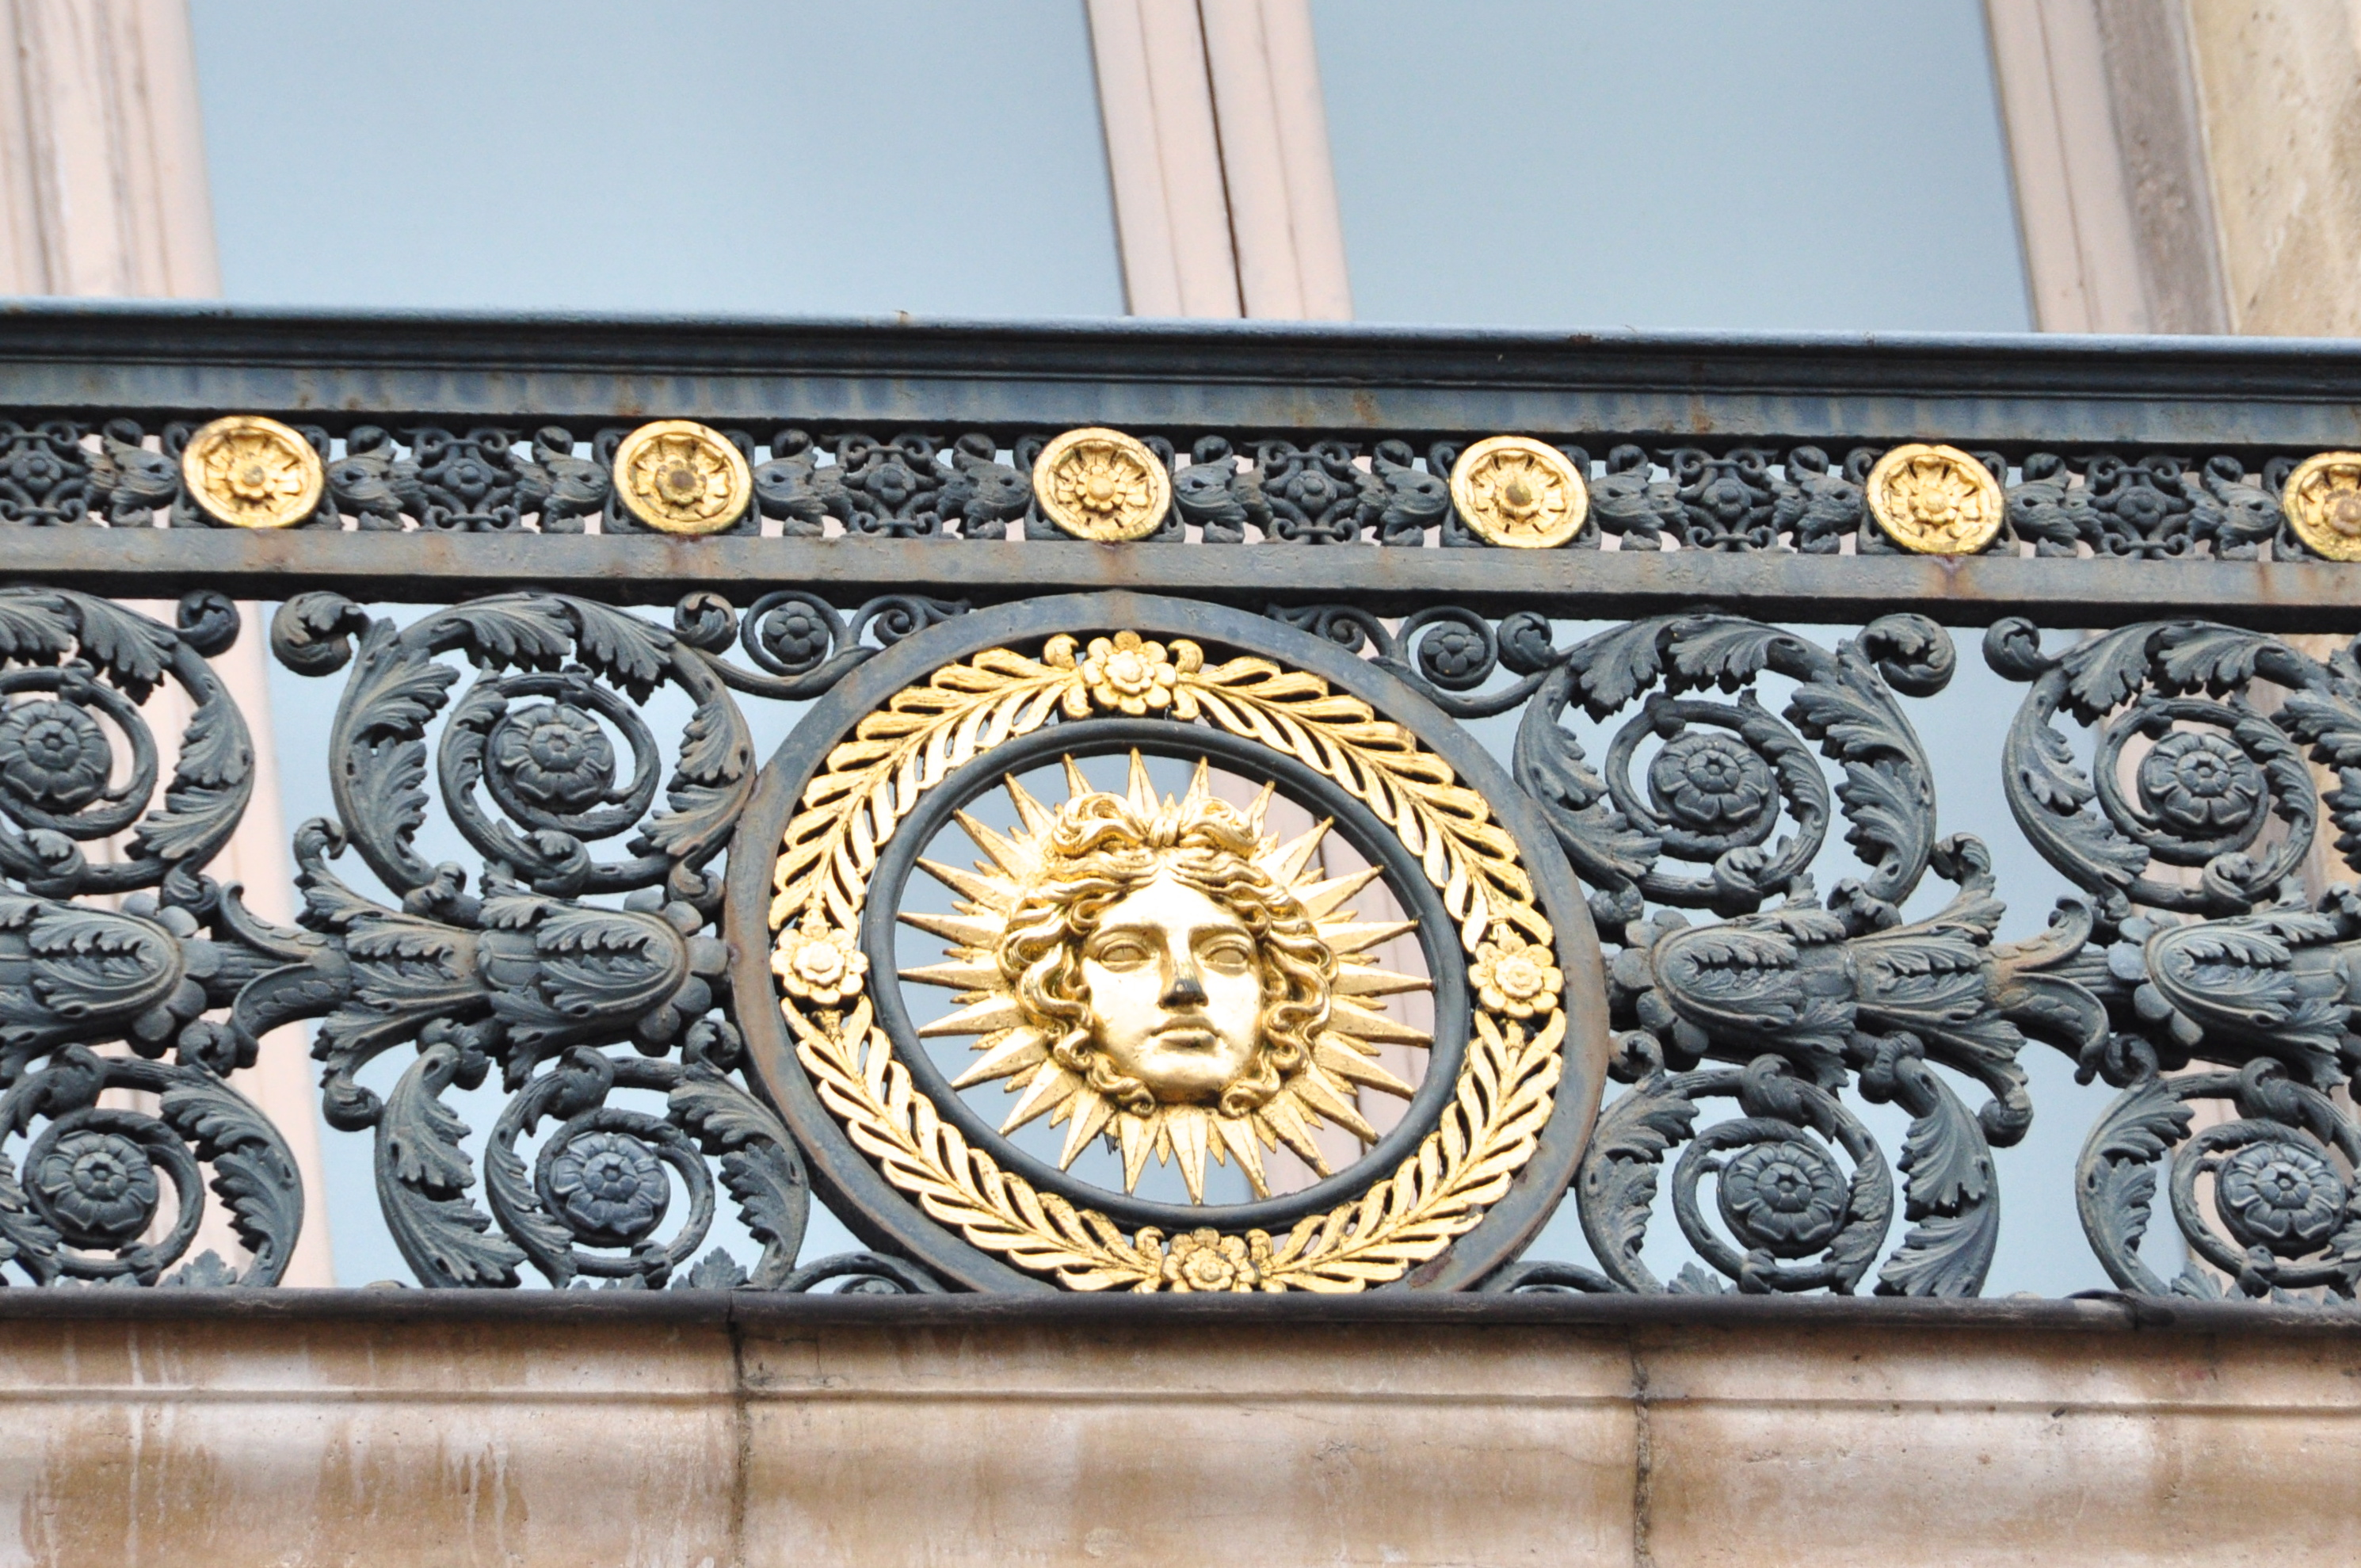 Le rois soleil, balcon de la façade méridionale du Louvre, Paris